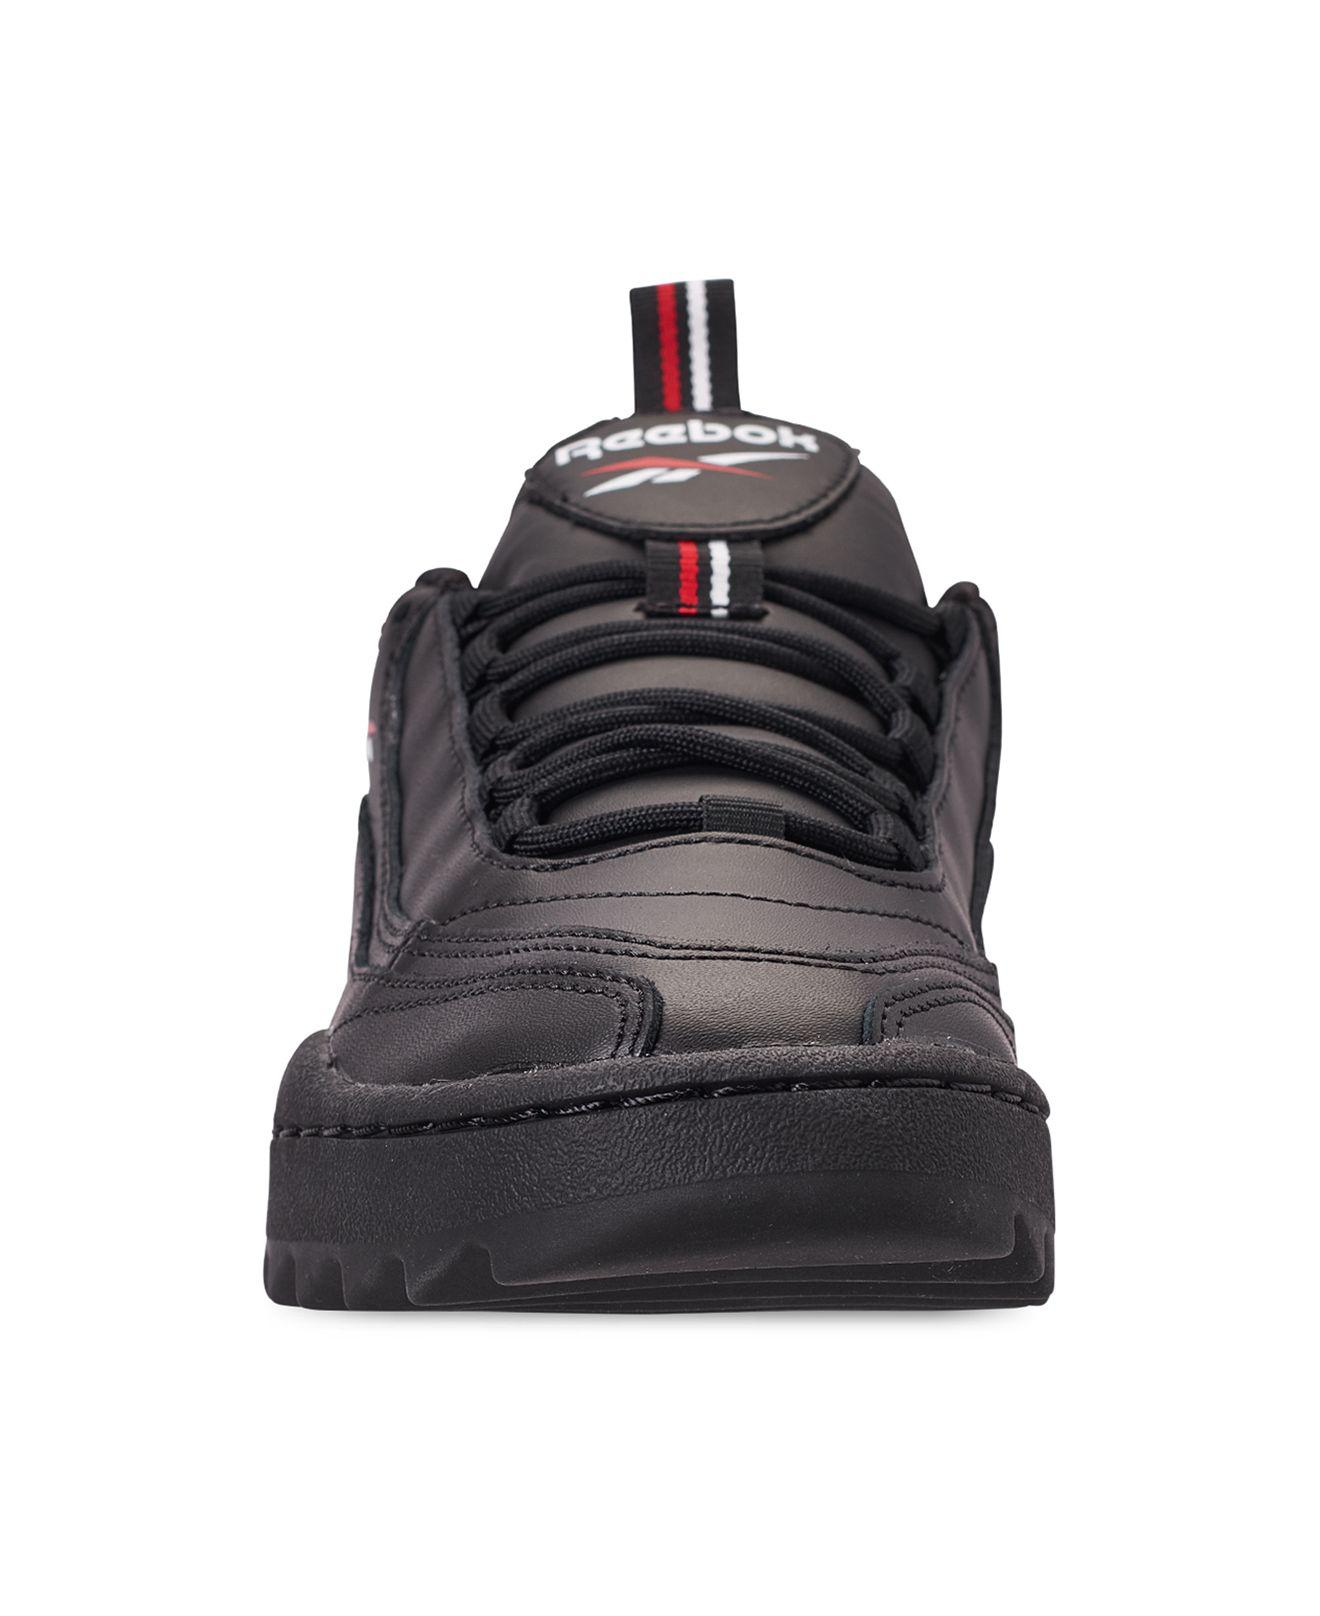 c69b13e7f7a7b Reebok - Black Classics Rivyx Ripple Casual Sneakers From Finish Line -  Lyst. View fullscreen